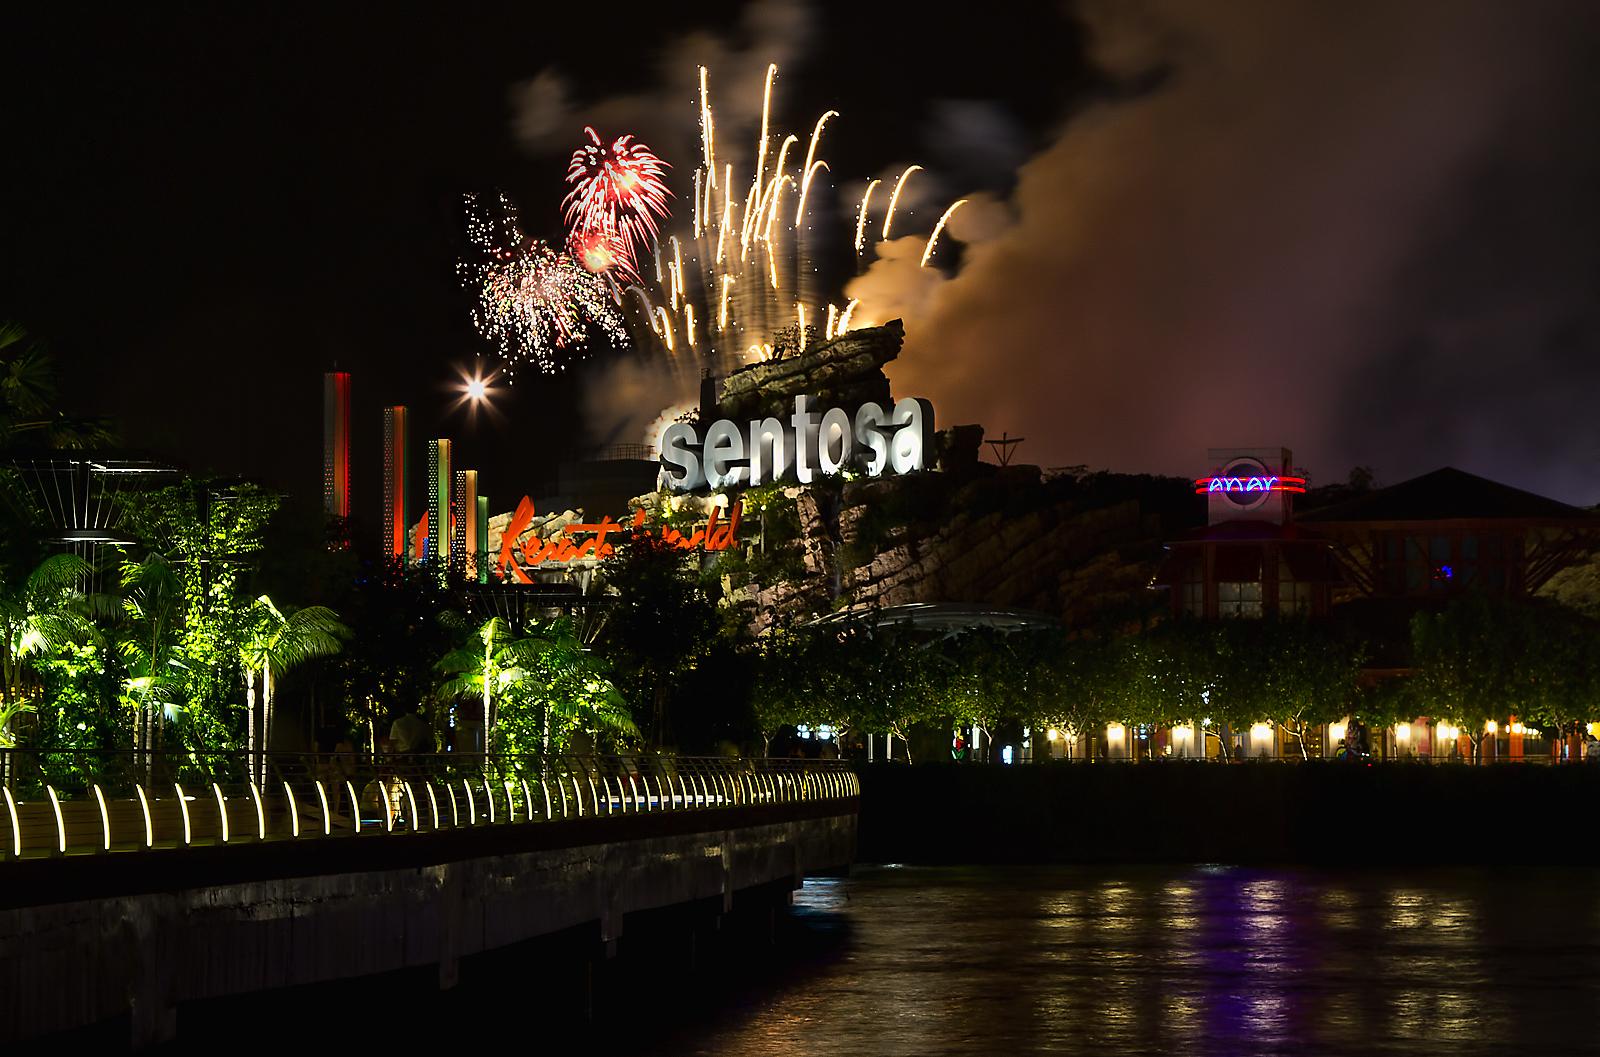 best fireworks viewing spots in singapore - sentosa boardwalk